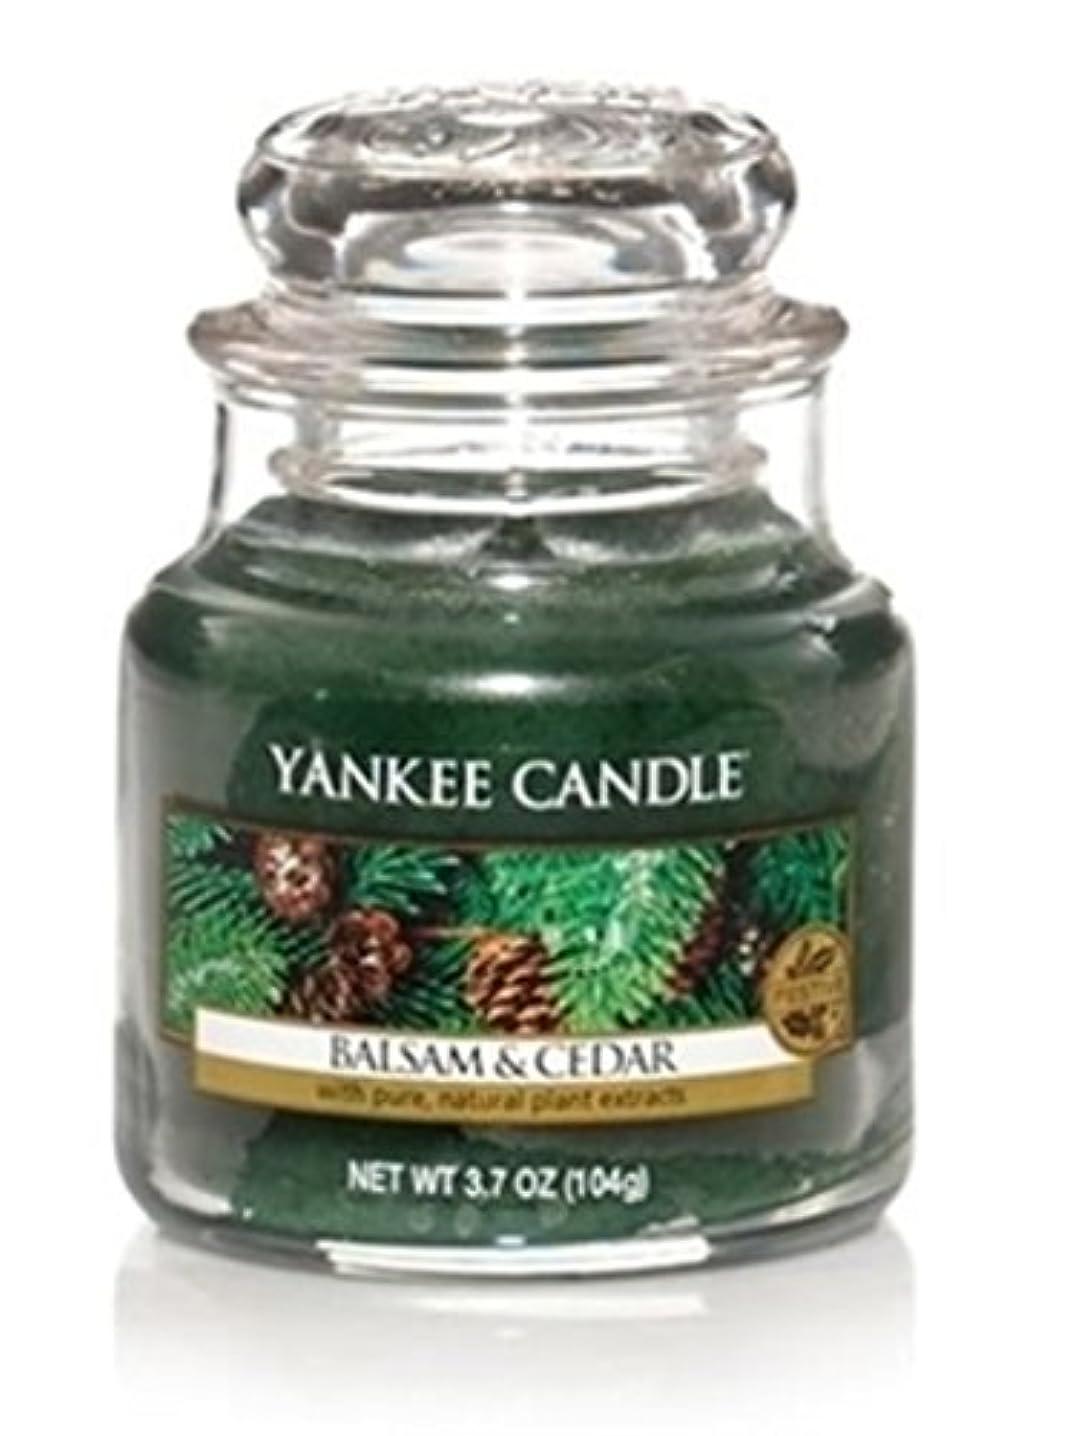 整理する警察署請負業者Yankee Candle バルサム&シダー スモールジャーキャンドル フェスティバルの香り